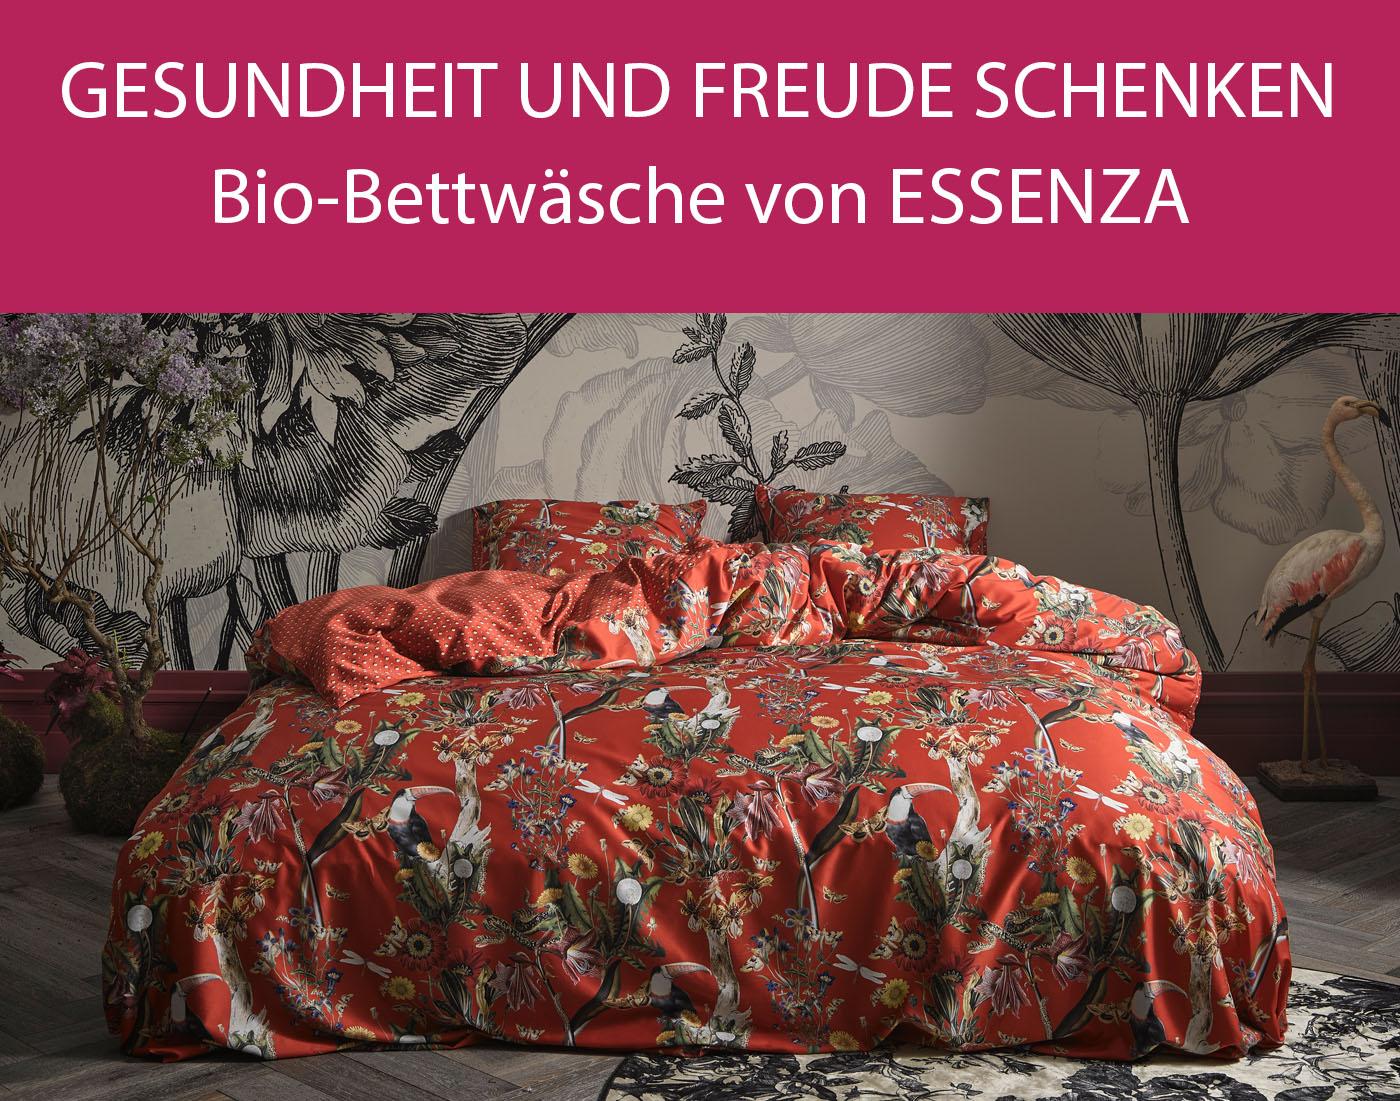 Gesundheit und Freude schenken - Bio-Bettwäsche und Bio-Handtücher - news